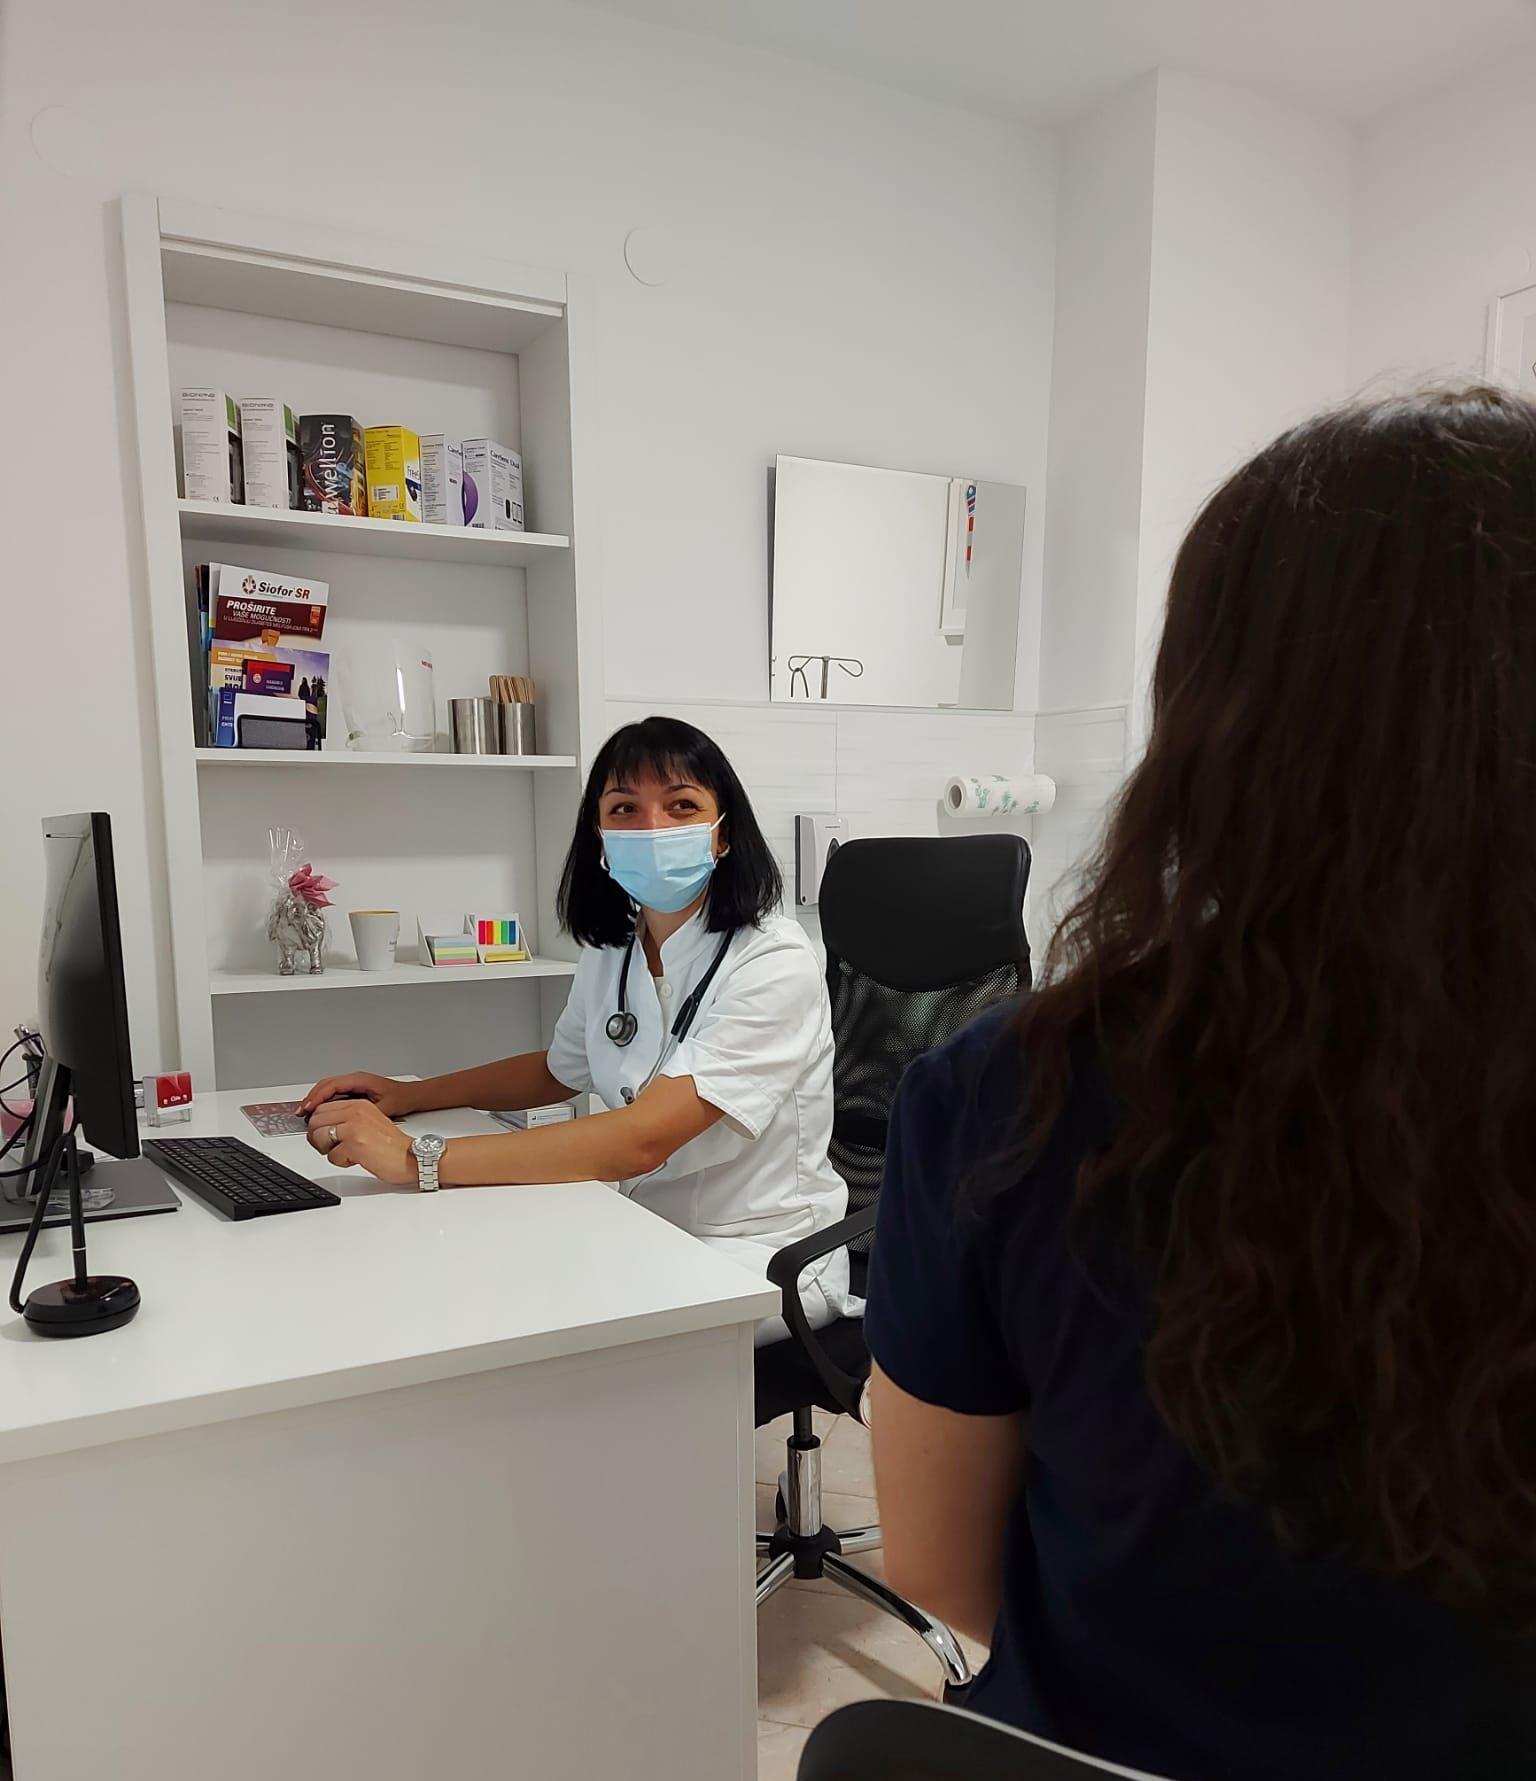 Dr. Marušić Marić: Otvorila sam ordinaciju jer želim imati vremena za svoje pacijente i dokazati im da oni nisu samo broj!